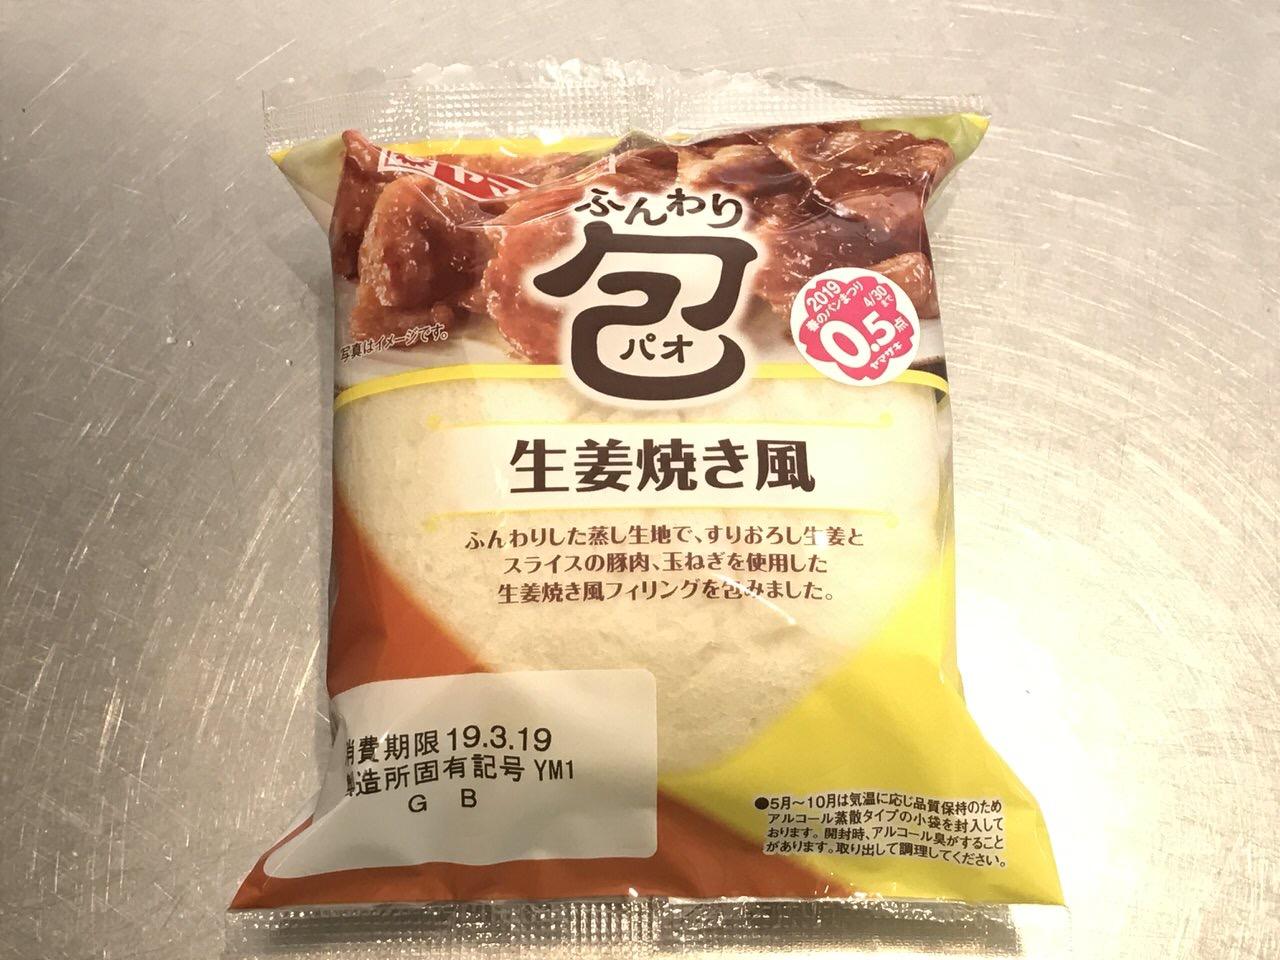 """ランチパック対抗!?ヤマザキ「ふんわり包」具材感がたっぷりあって旨い!今回は""""生姜焼き風""""食べてみた"""